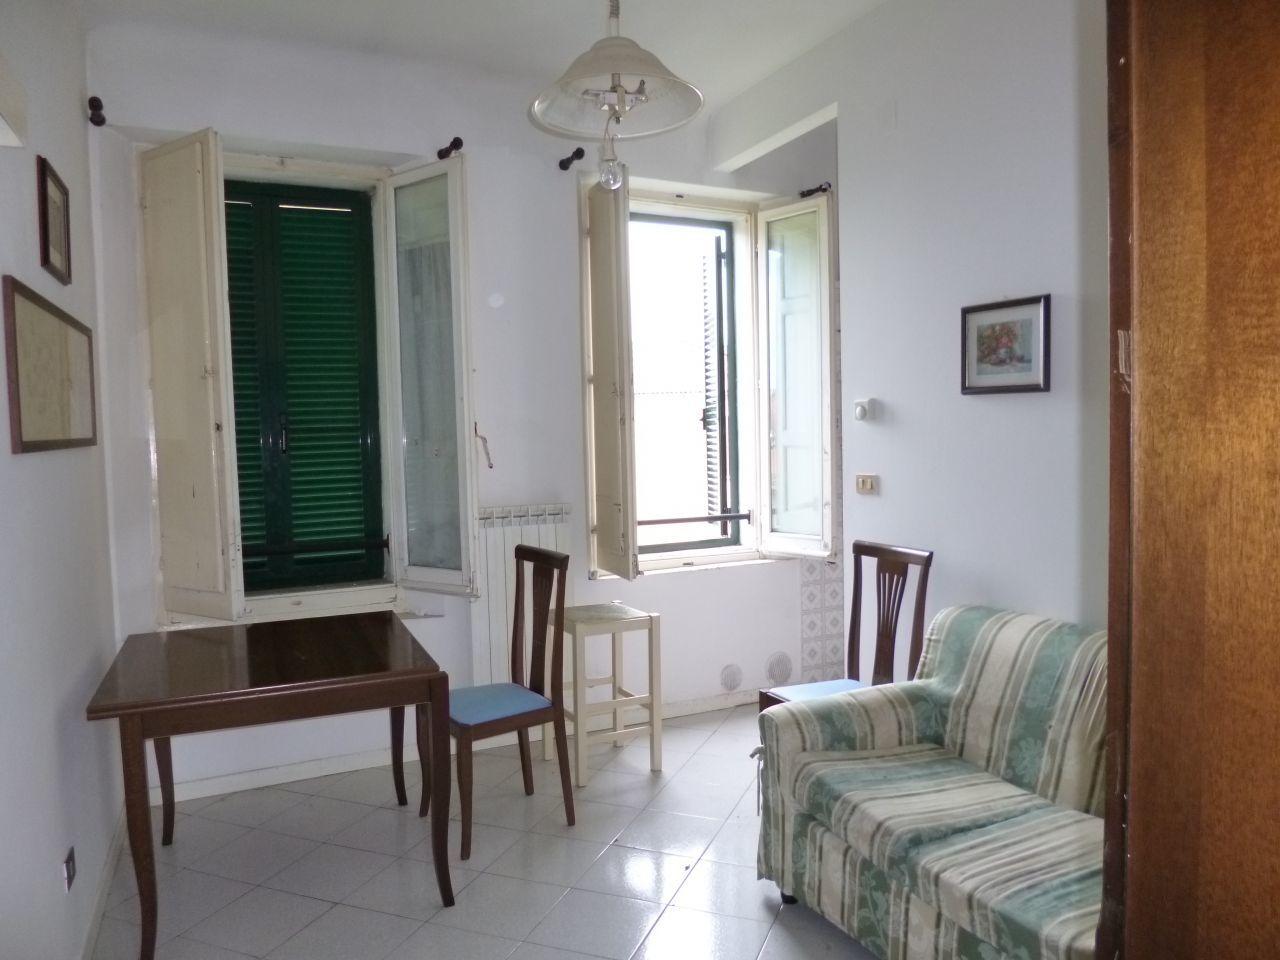 Appartamento in affitto a Jesi, 2 locali, prezzo € 300 | Cambio Casa.it